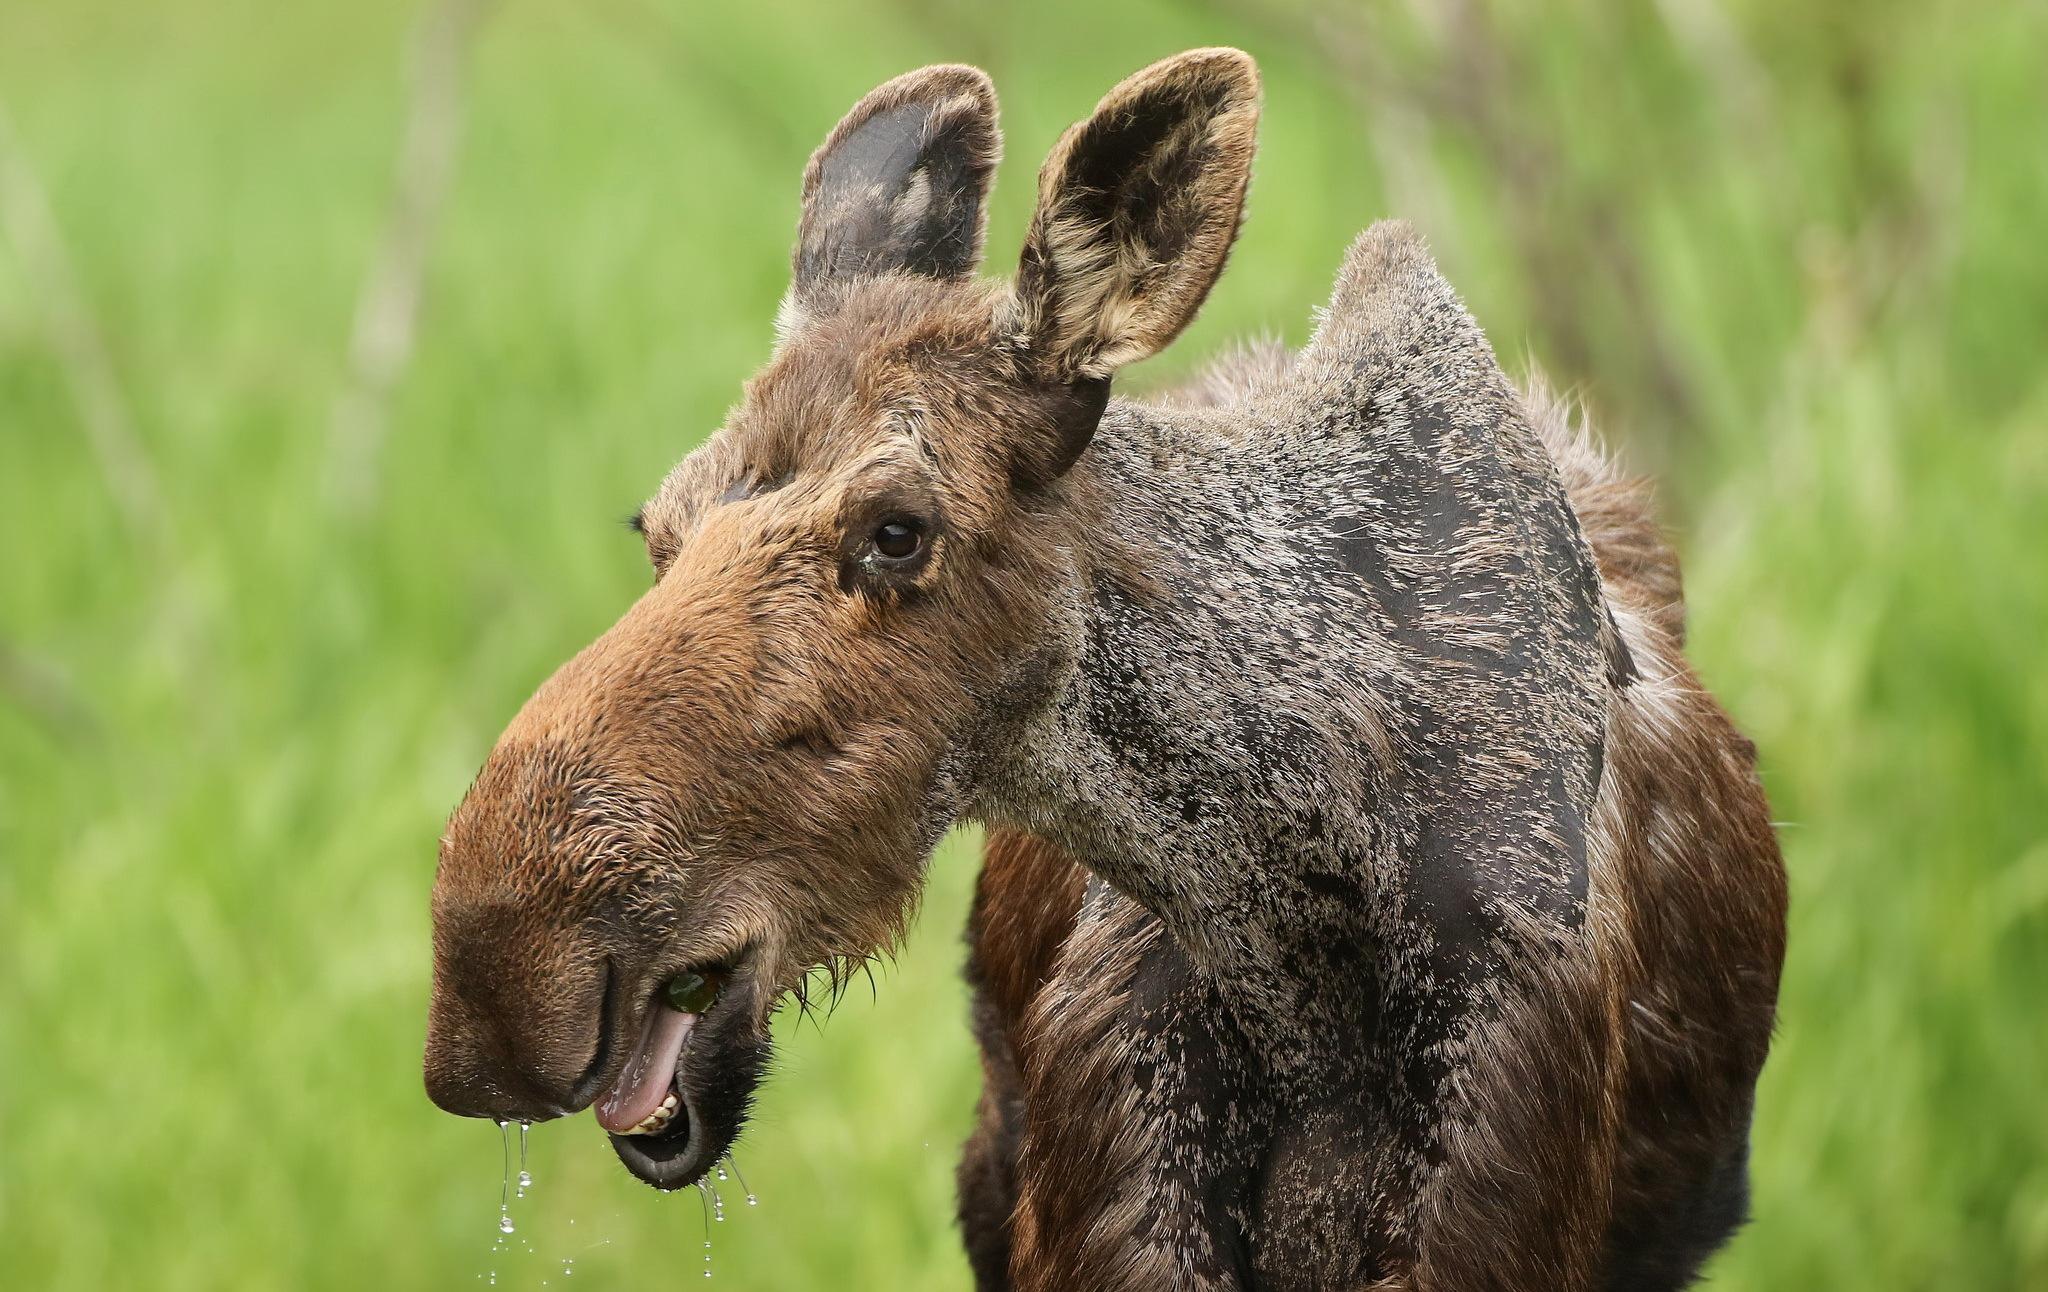 Foto Elch Kopf ein Tier 2048x1292 Tiere